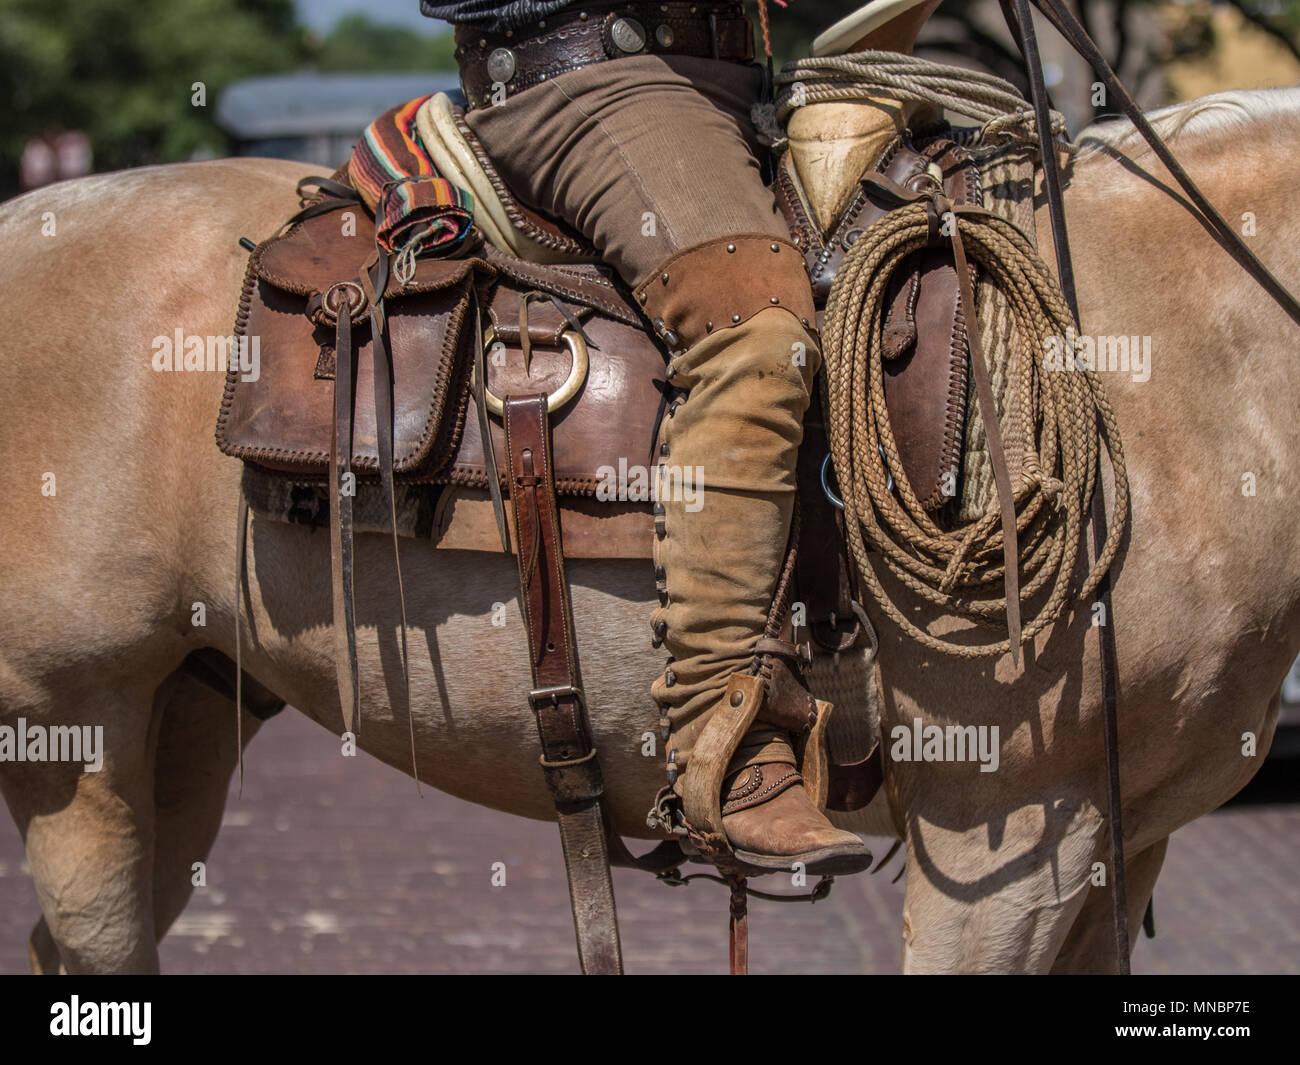 472337a165670 Mexican Vaquero Stock Photos   Mexican Vaquero Stock Images - Alamy